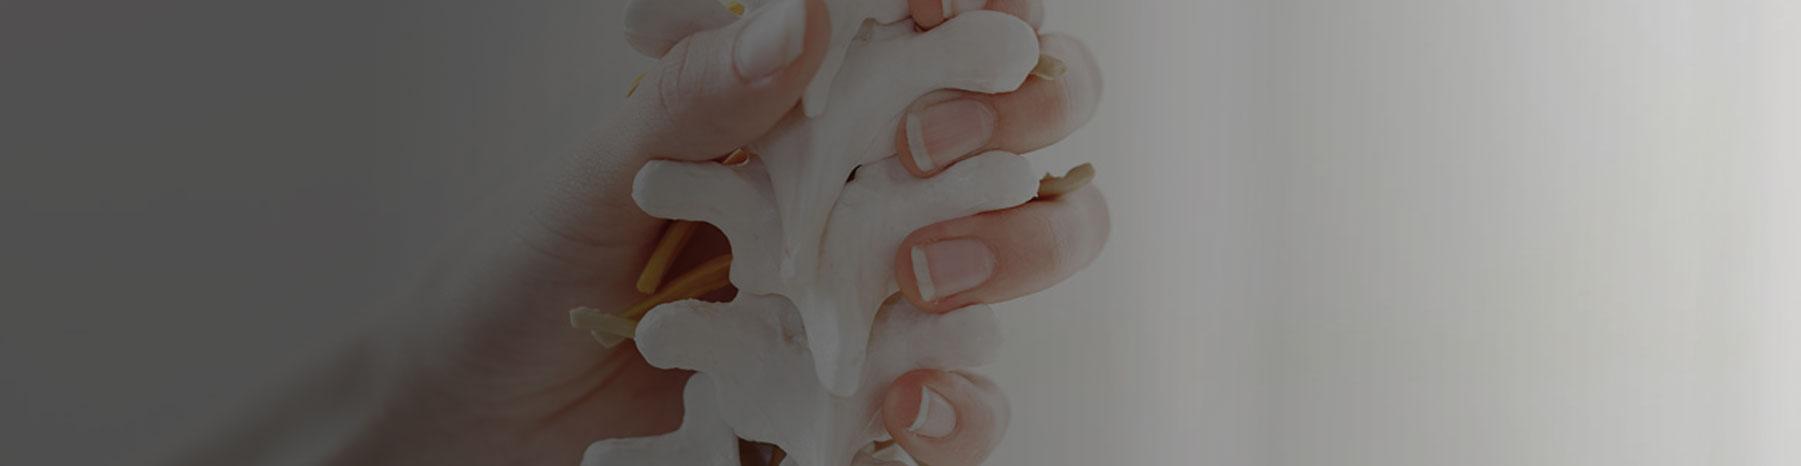 Body Reform Spine Care Inner Banner